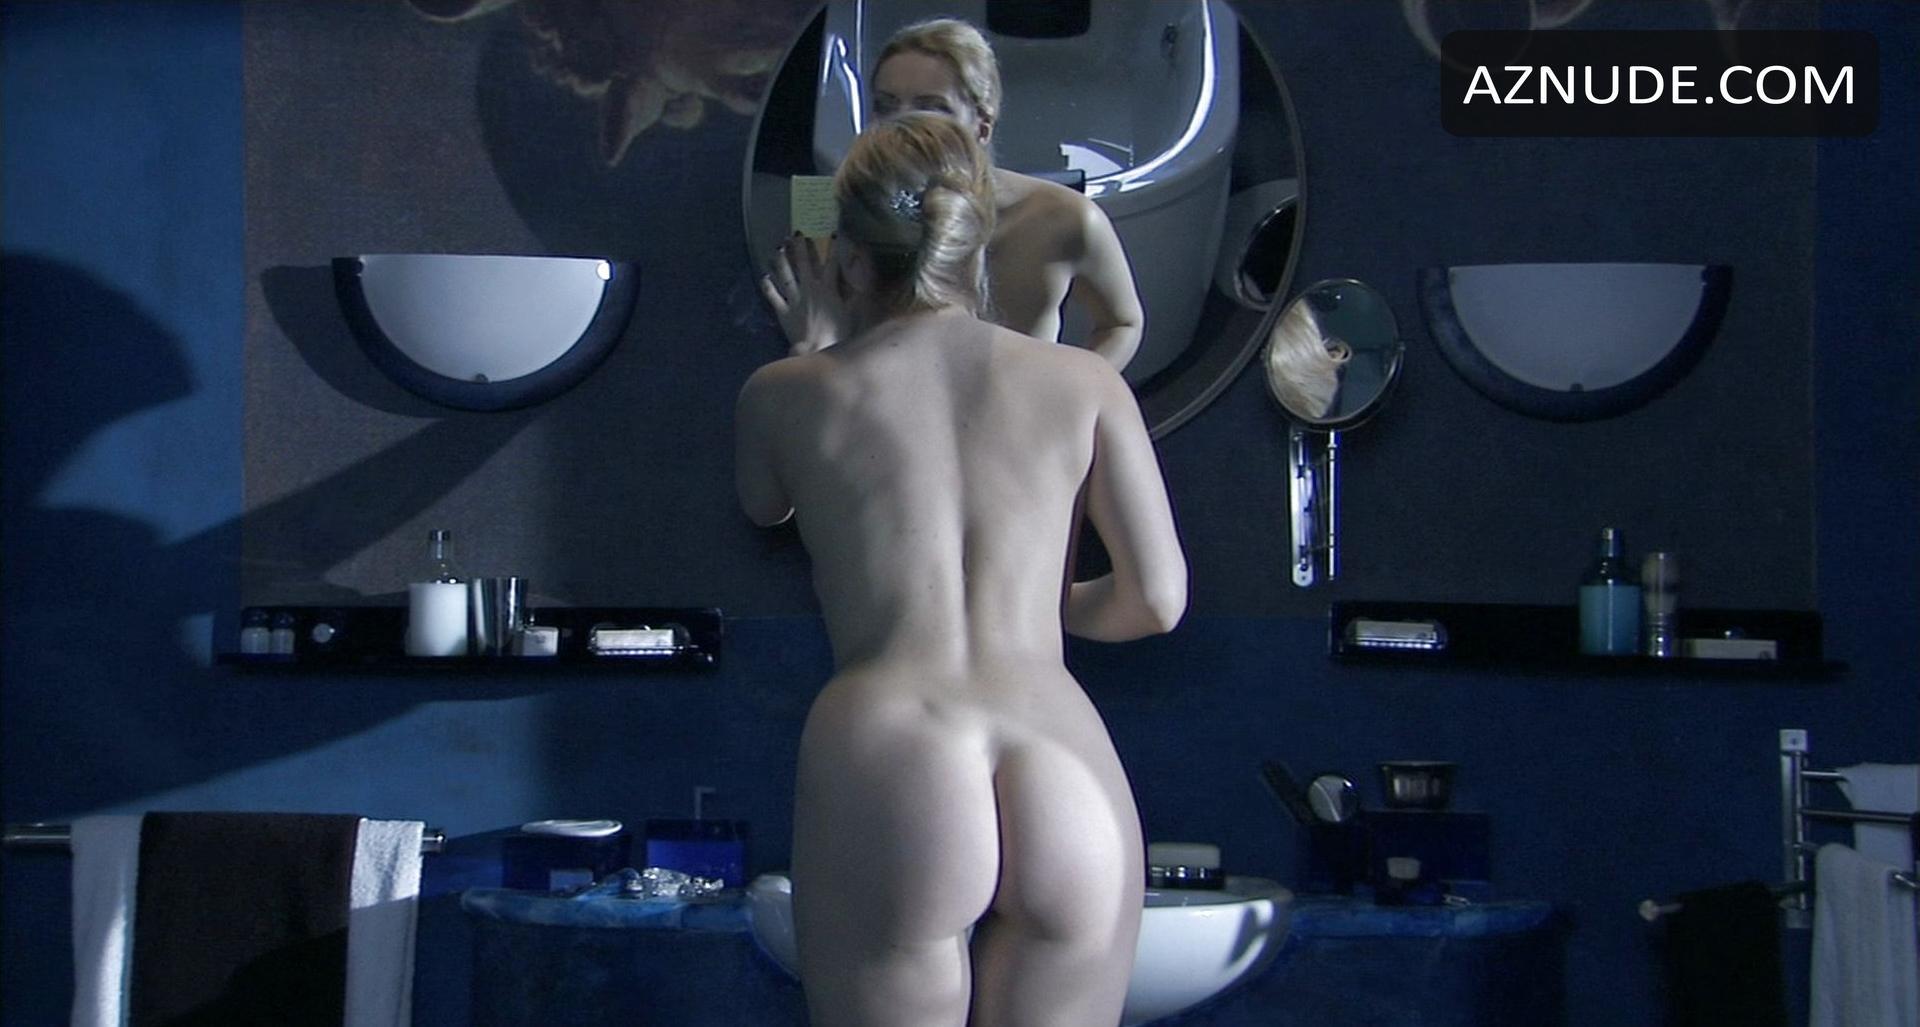 Hot girl next door porn